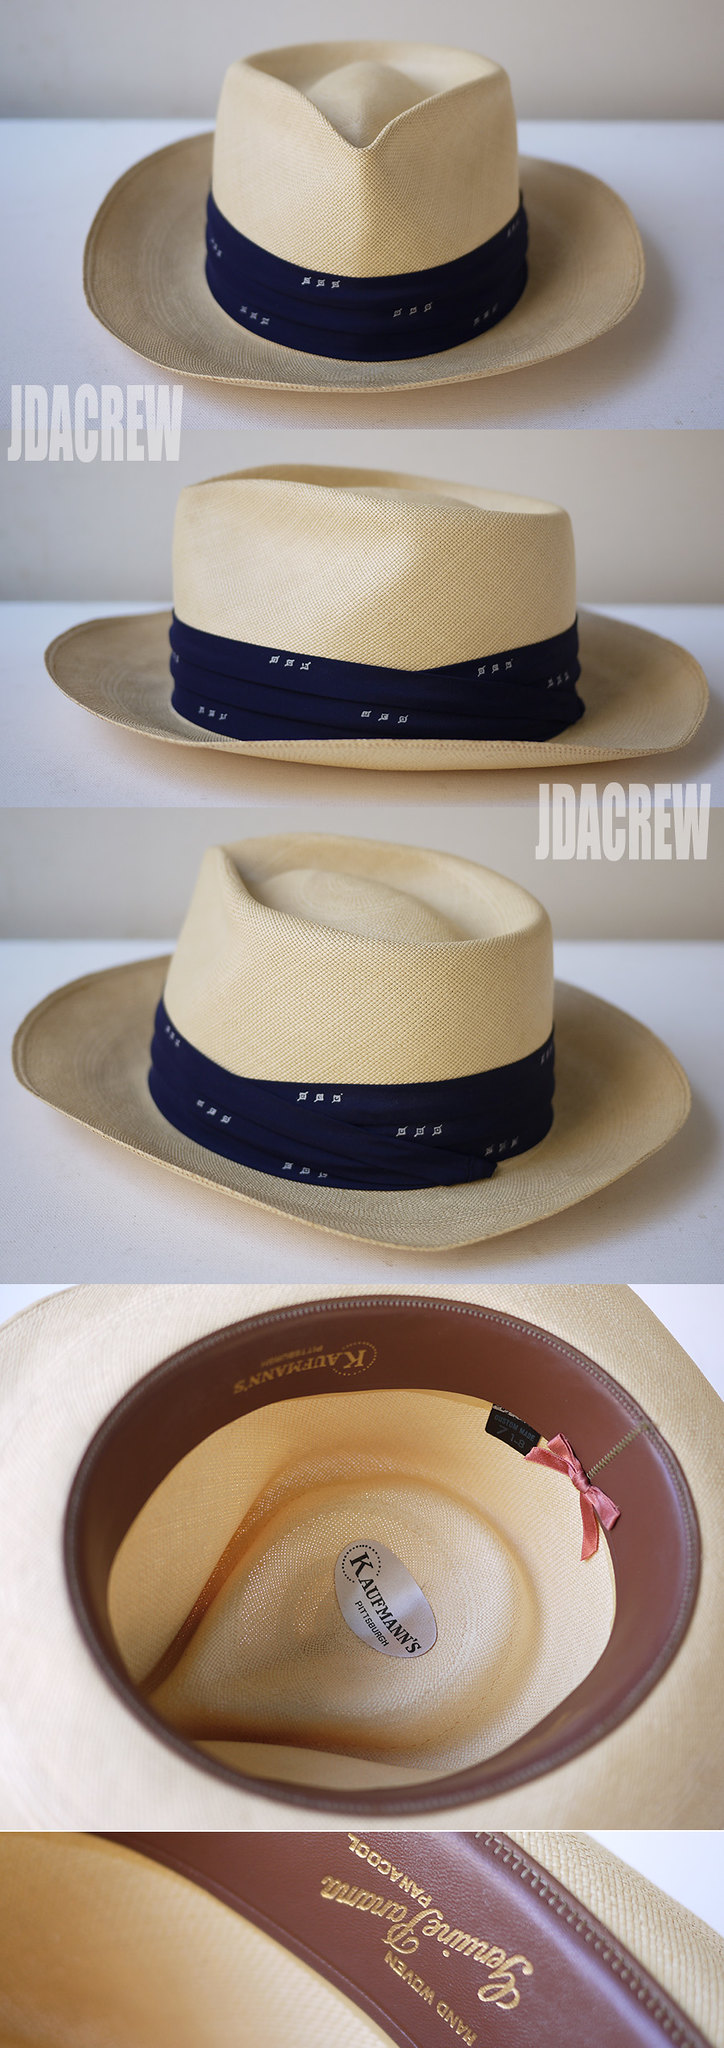 ヴィンテージパナマハットストロー帽子JDACREW